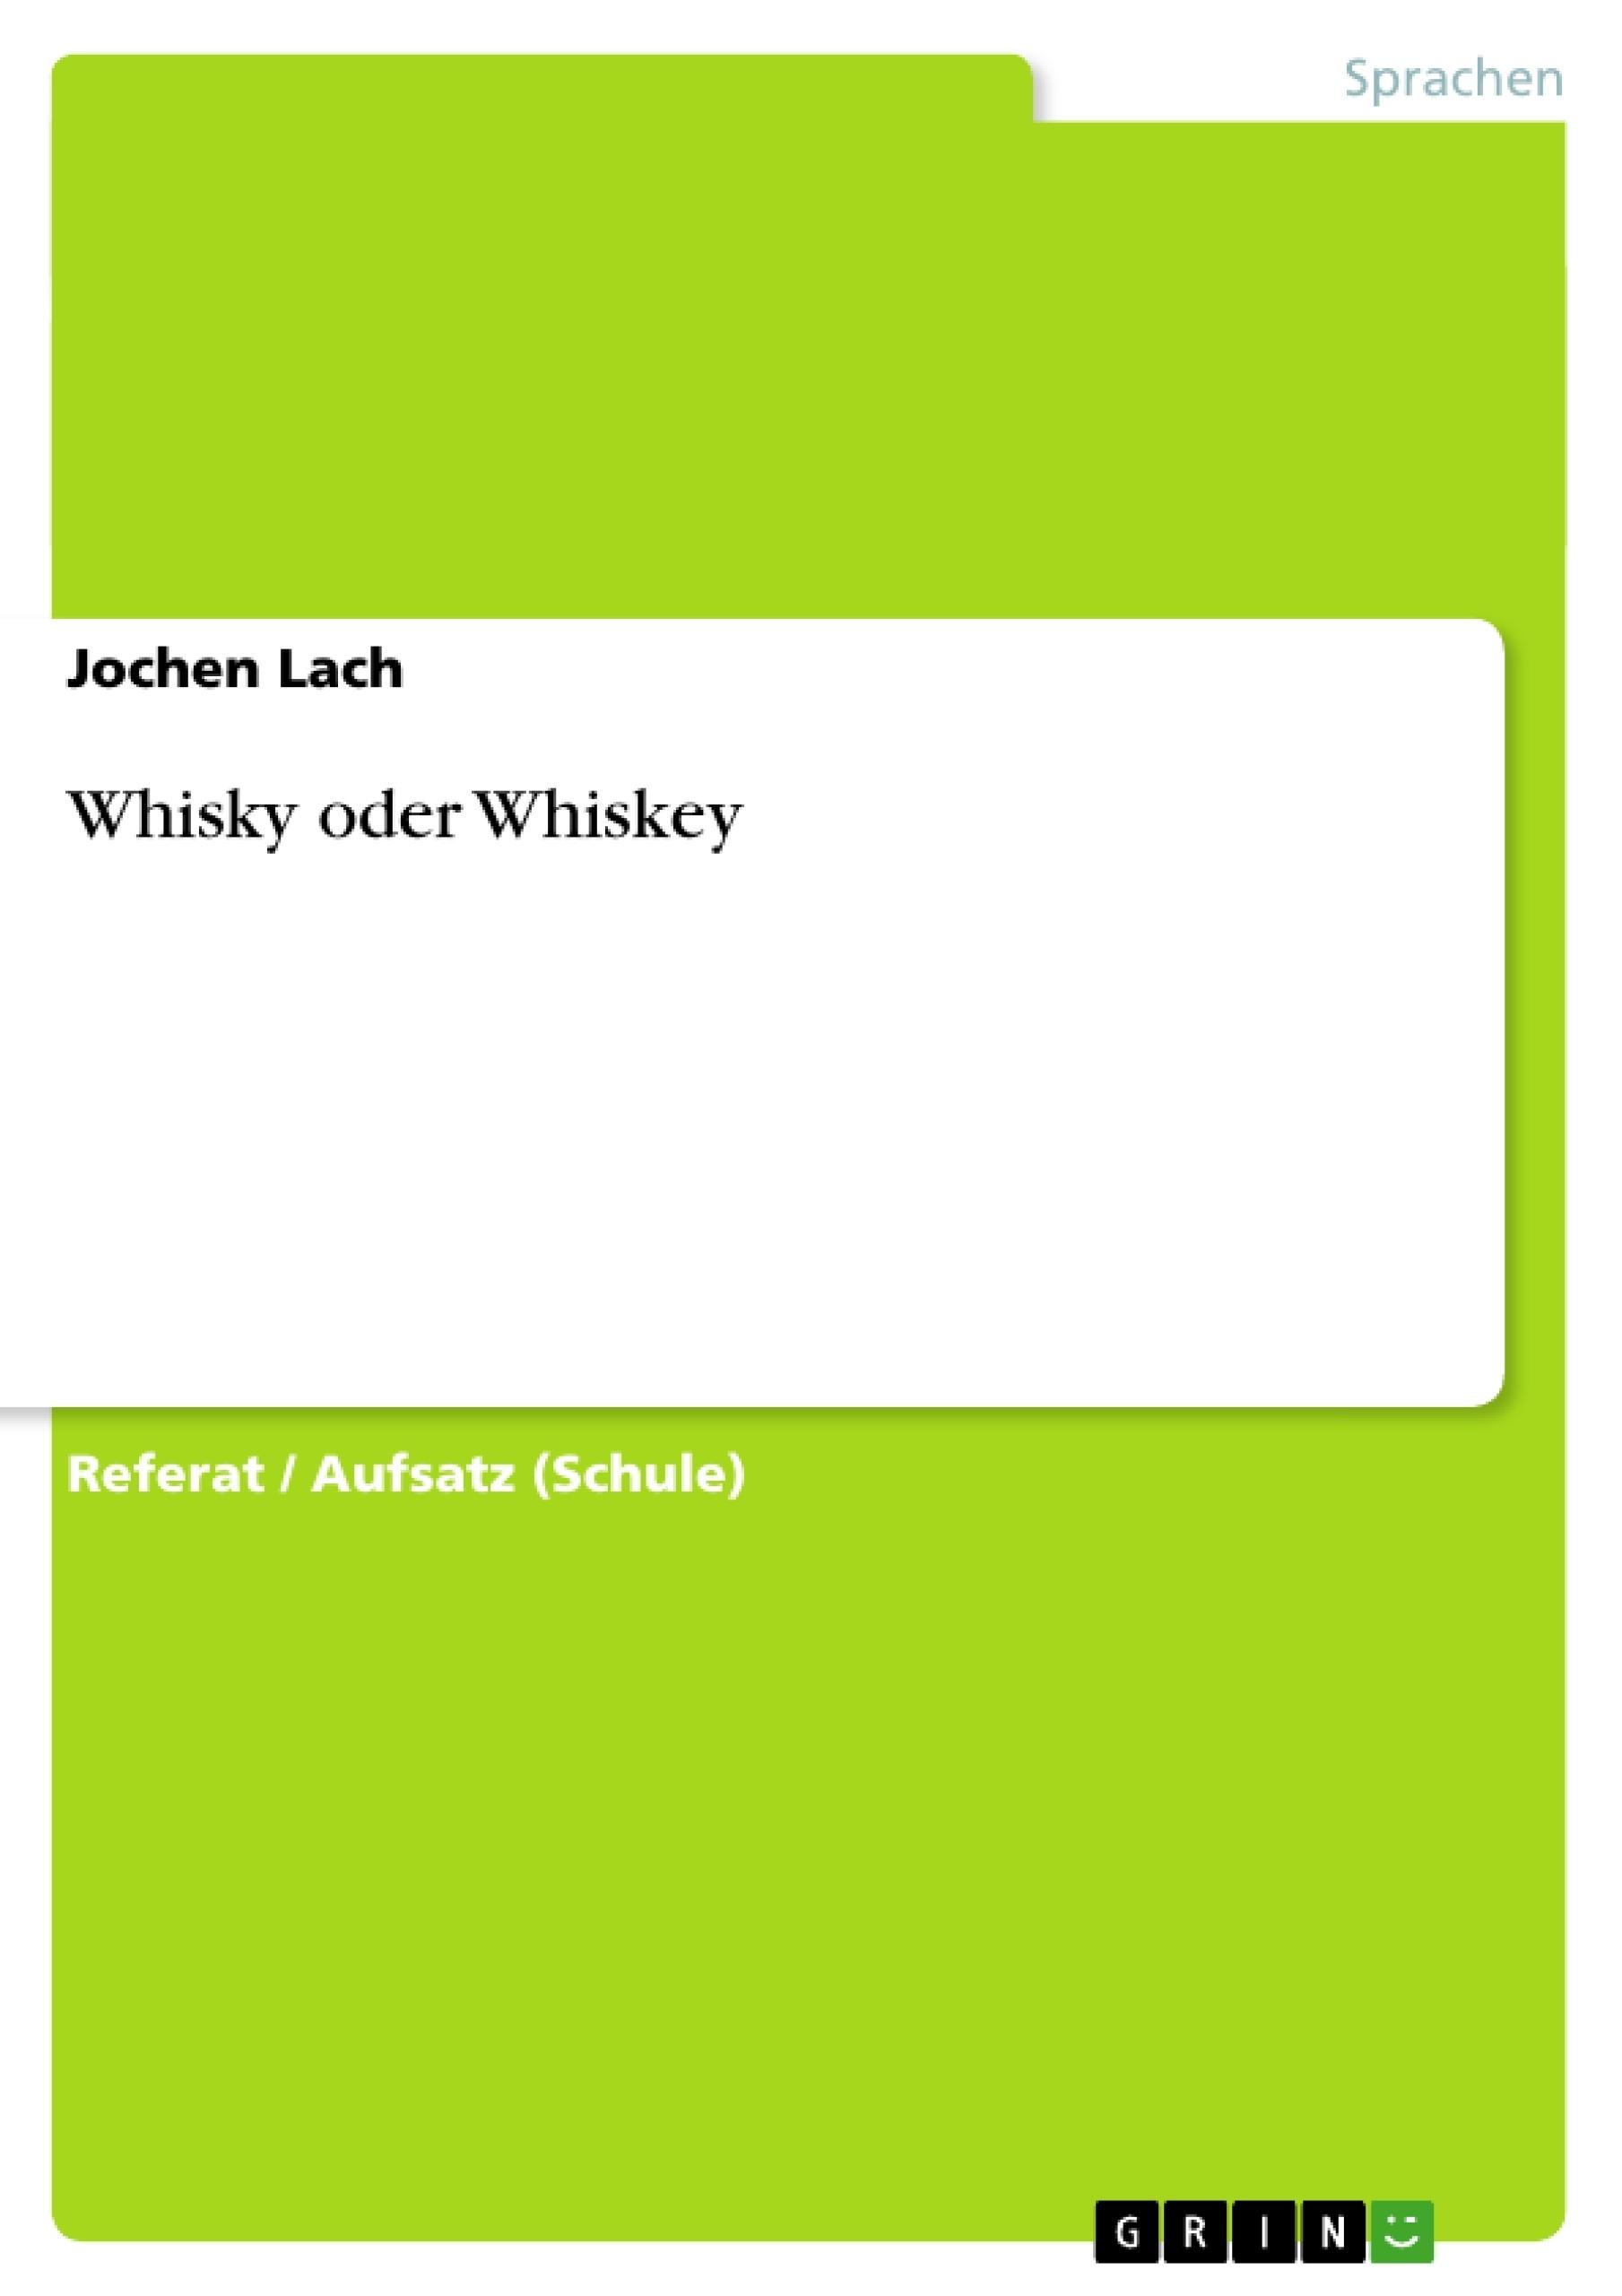 Titel: Whisky oder Whiskey